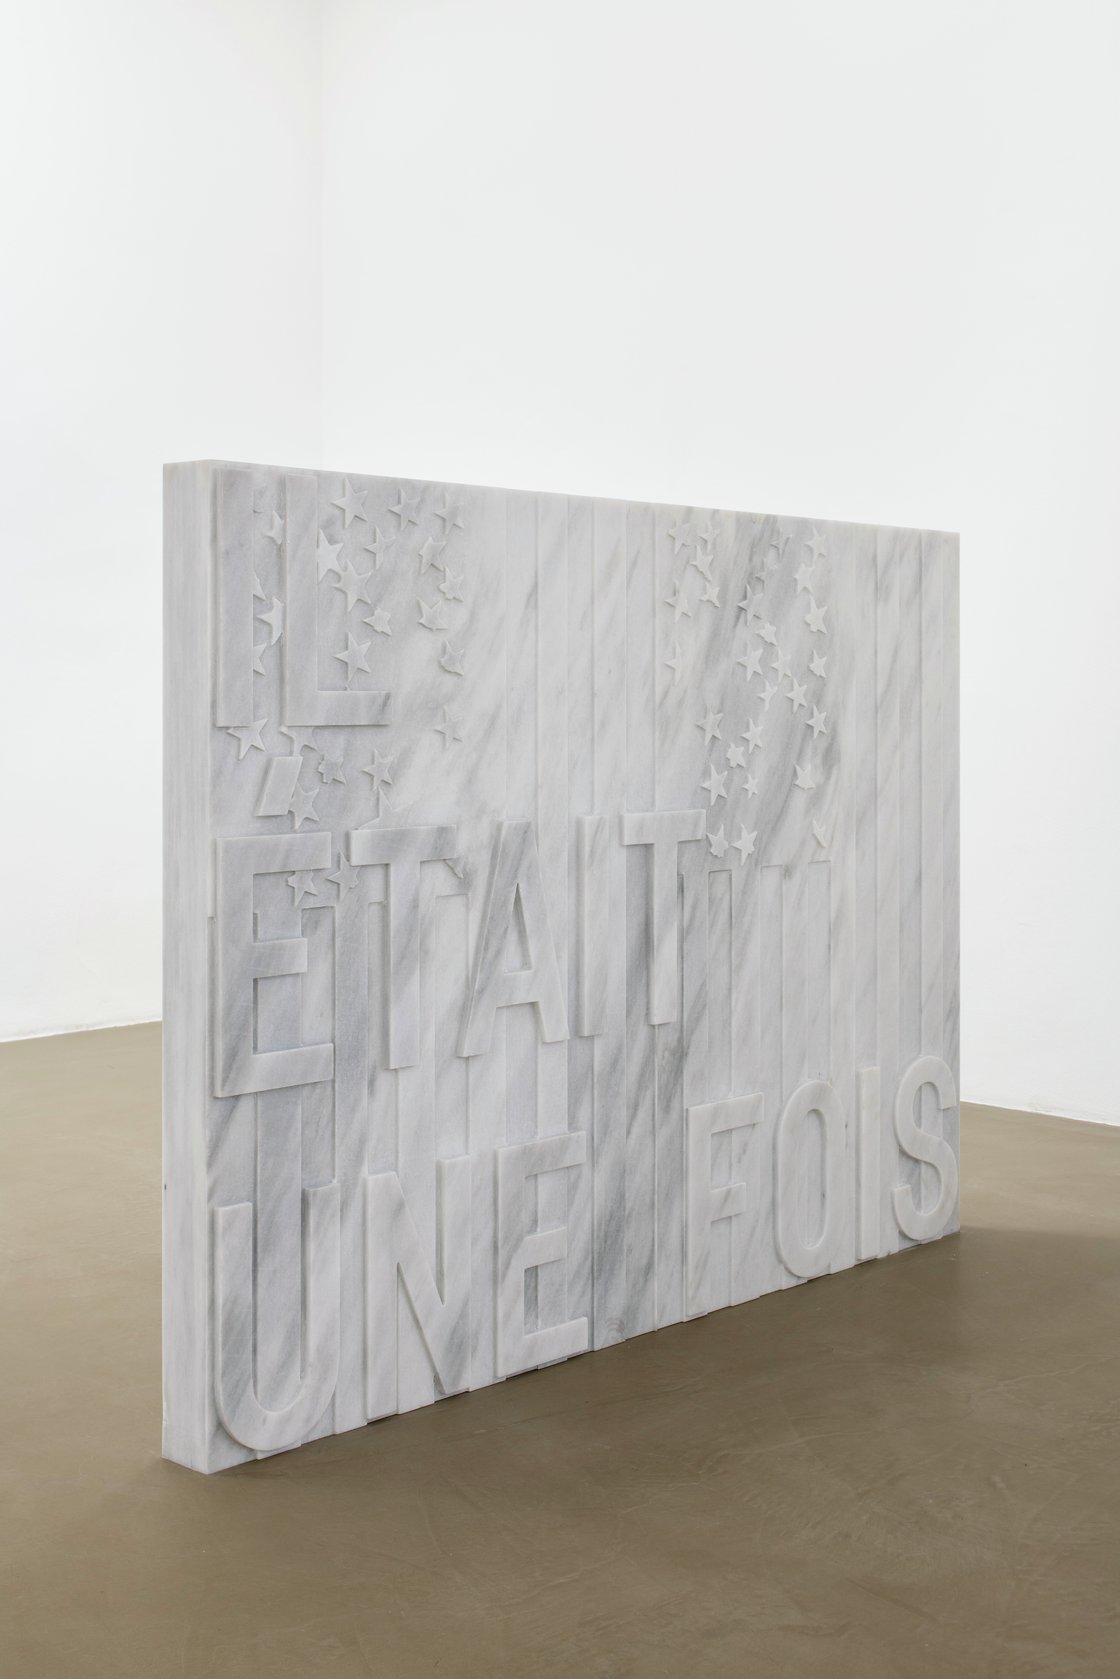 Rirkrit Tiravanija, untitled 2020 (il était une fois) (two flags, 1973-77), 2020